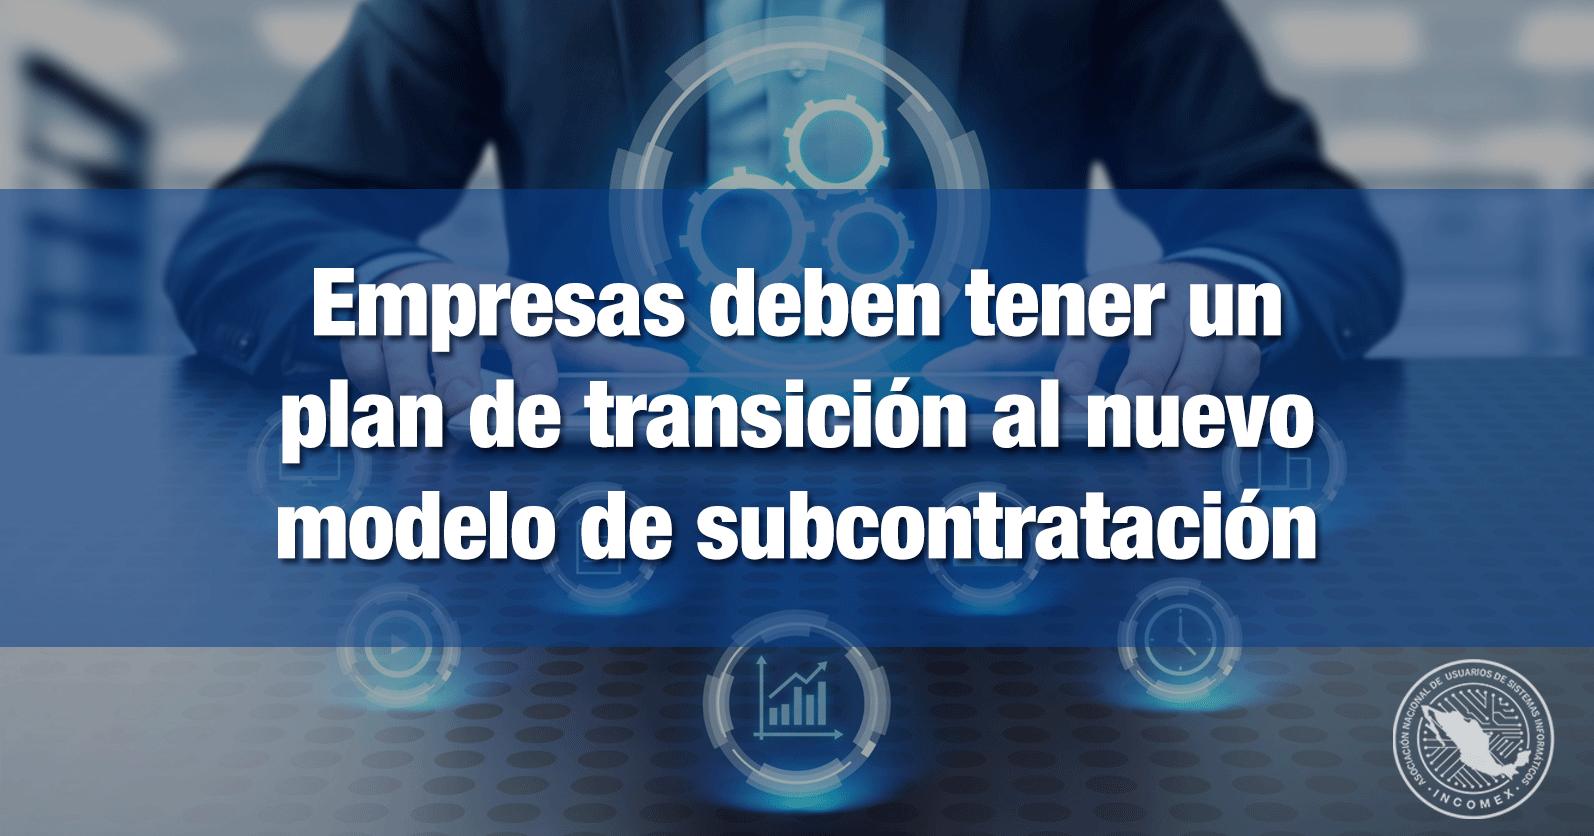 Empresas deben tener un plan de transición al nuevo modelo de subcontratación